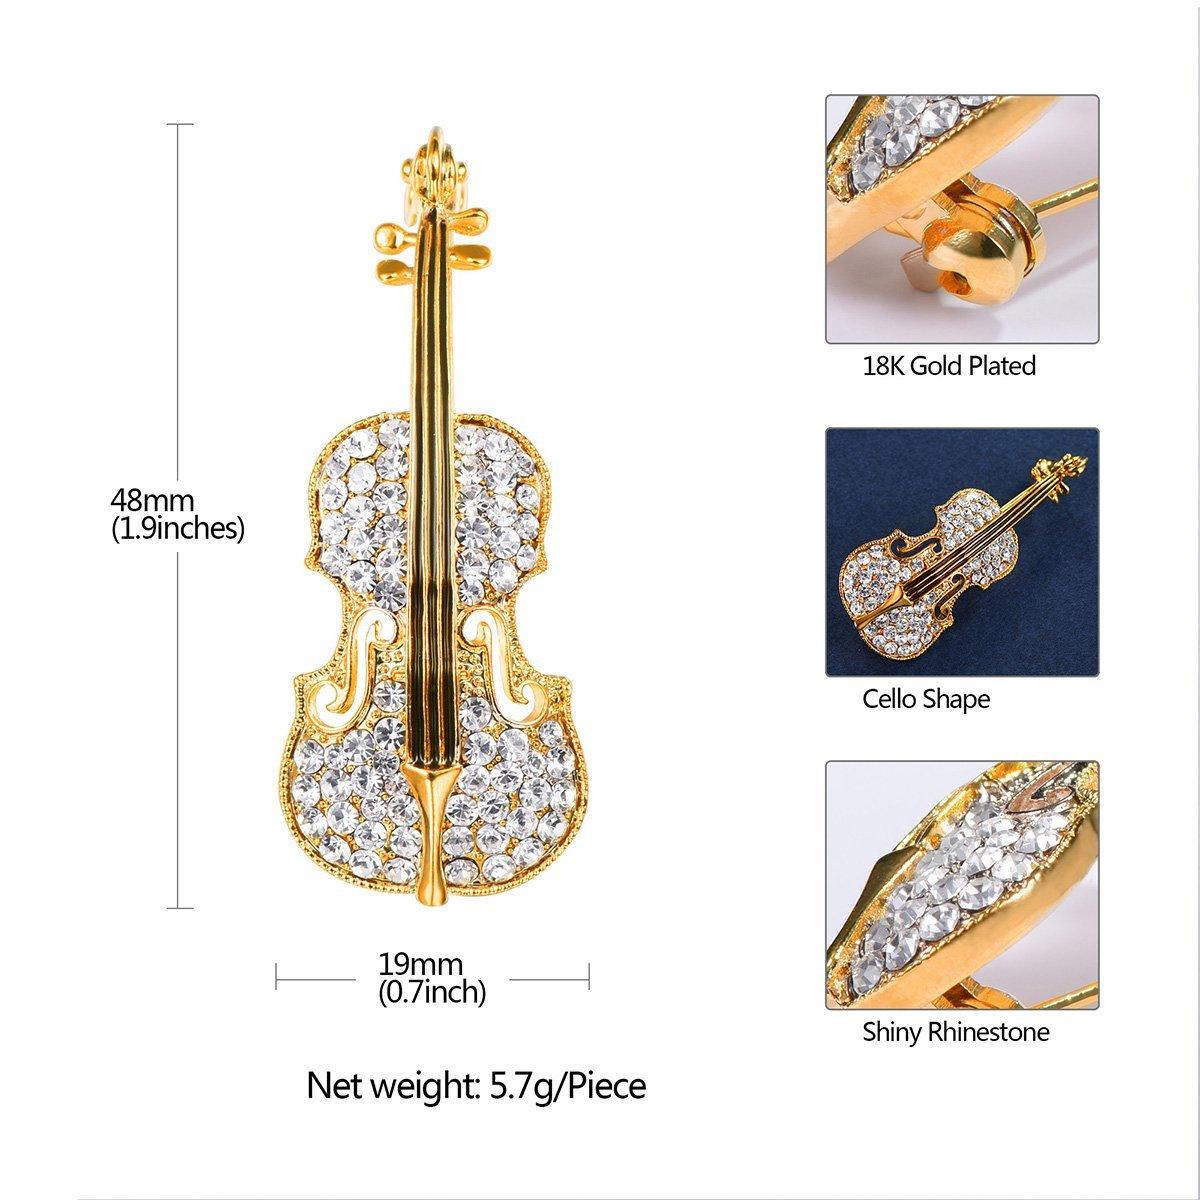 FOCALOOK Gold Plated Violin Brooch Women Elegant Crystal Rhinestone Brooch Fashion Charm Christmas Jewellery QD0jd